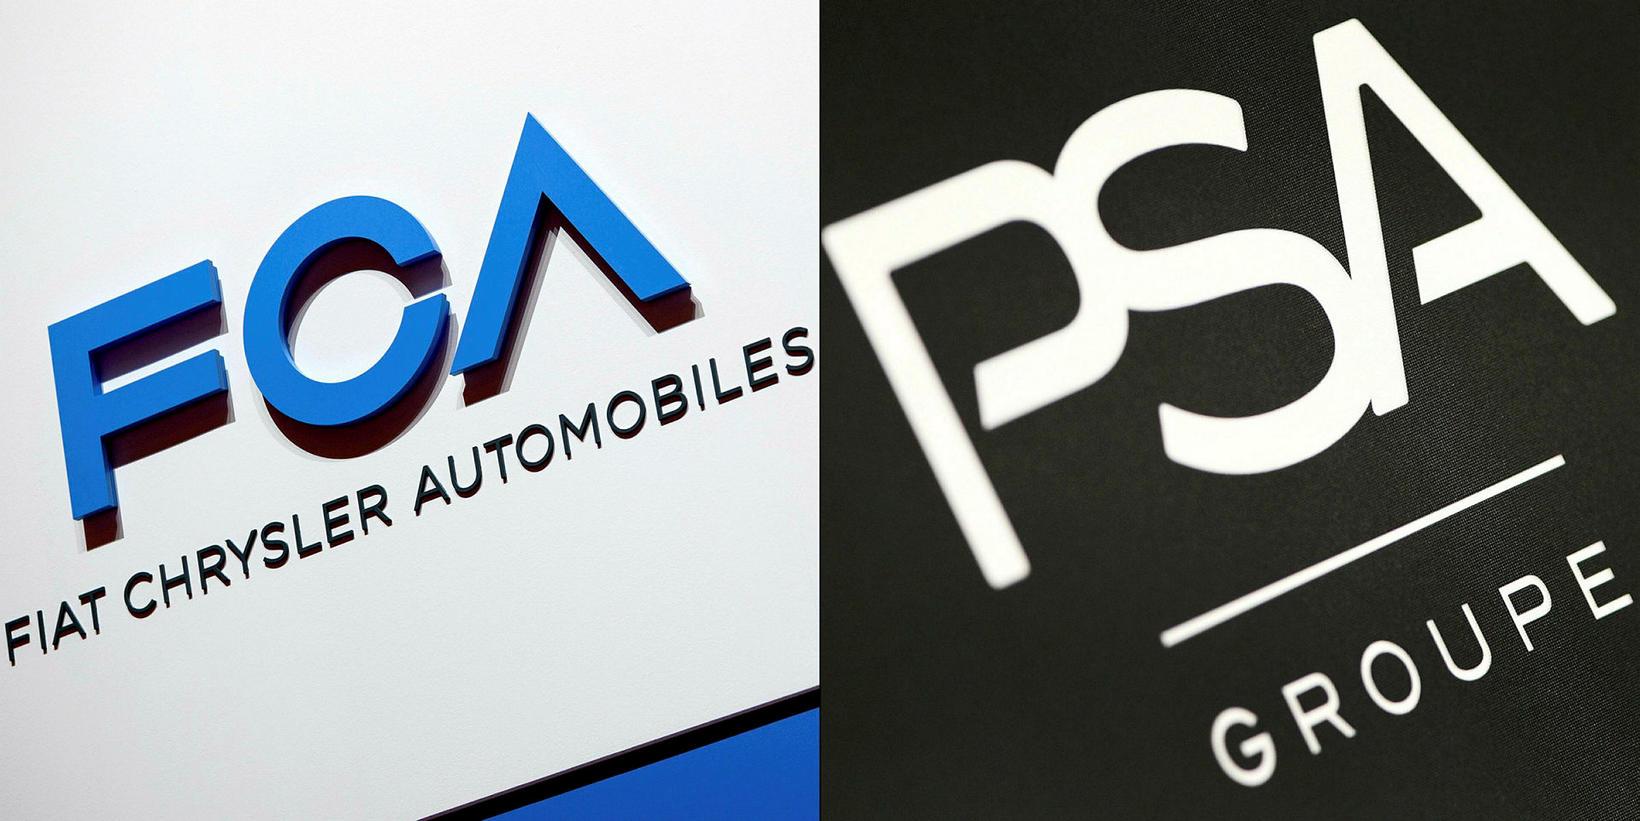 Táknmerki FCA (Fiat Chrysler Automobiles) og franska bílsmiðsins PSA Peugeot ...